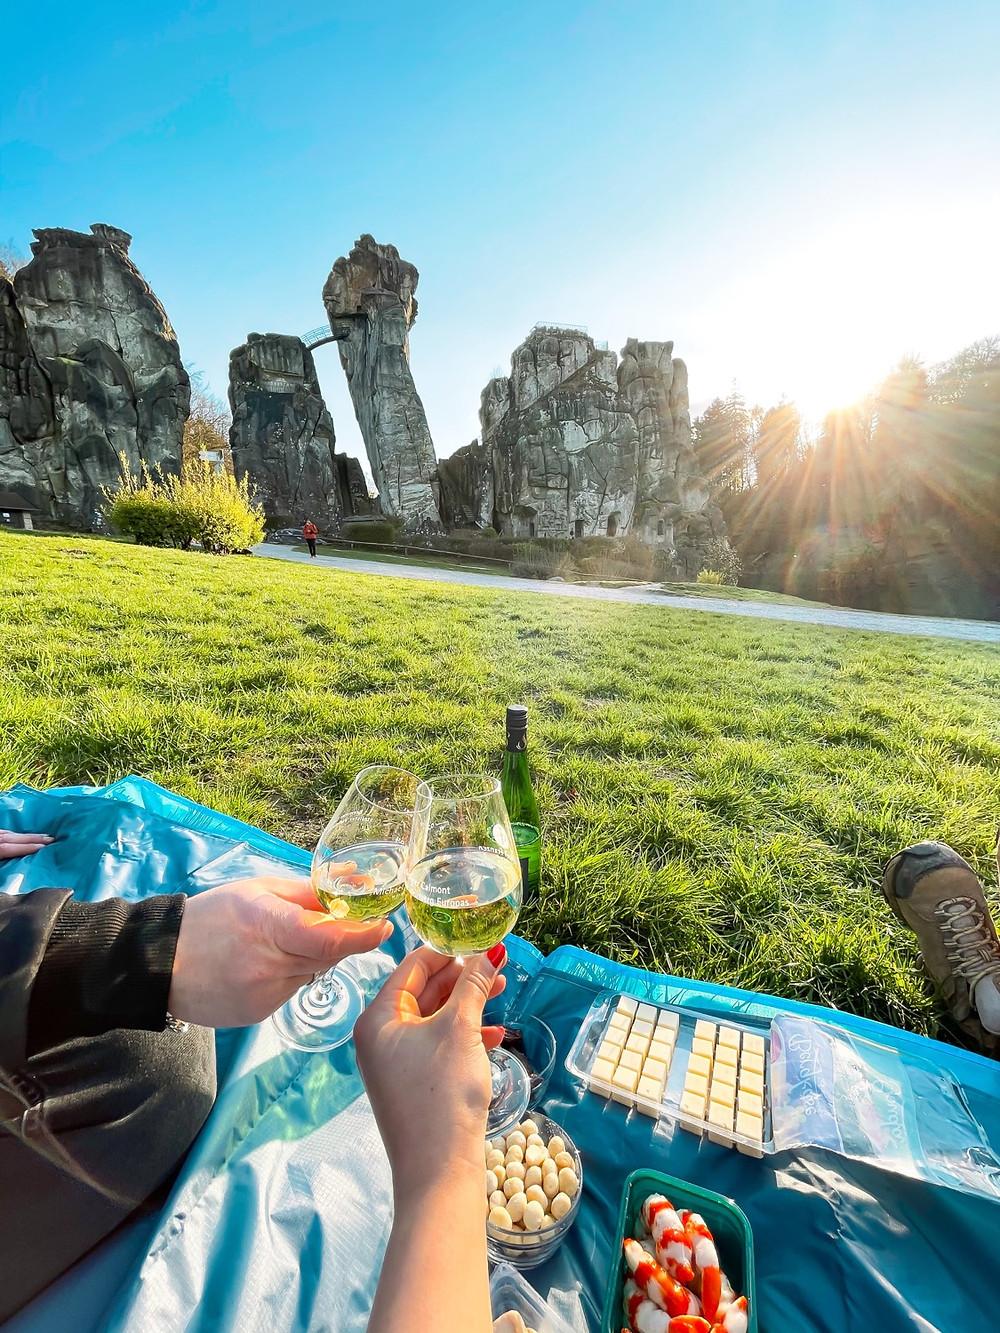 Externsteine-Picknick-Alleine-Besuchen-Romantisch